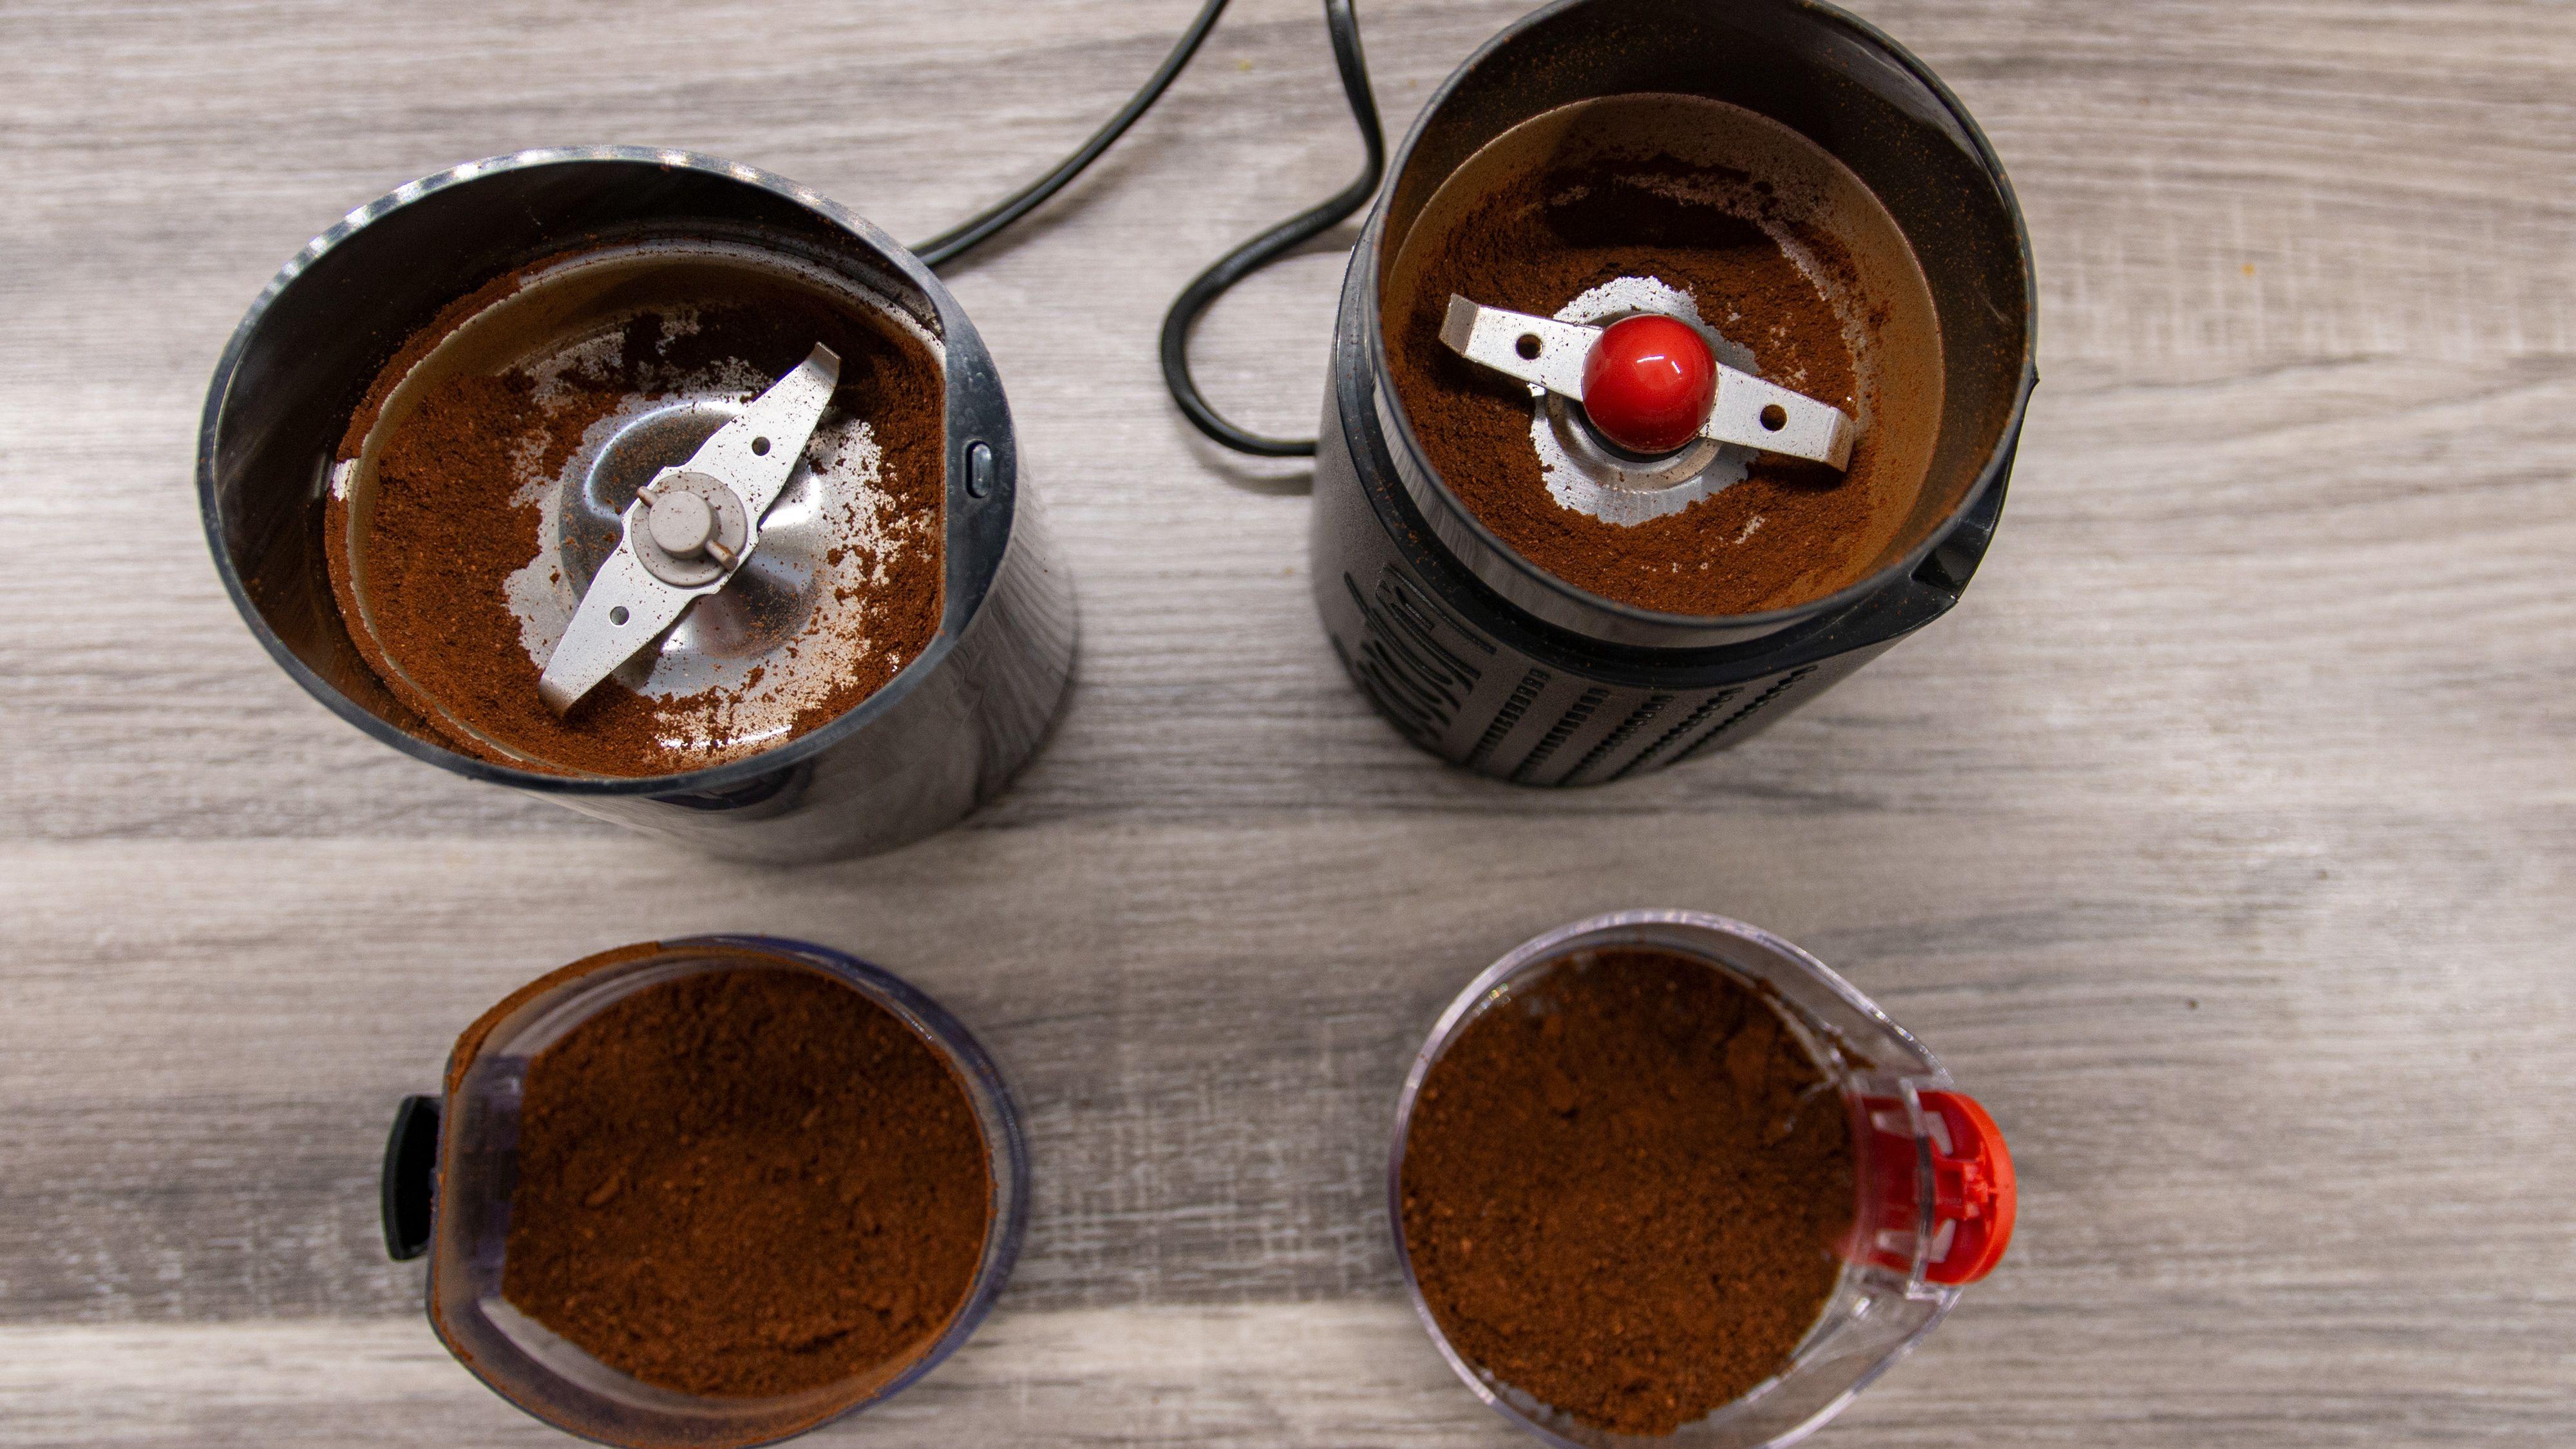 Se hvordan mye av kaffen festet seg til bunnen og måtte graves ut av de manuelle kvernene til OBH Nordica og Bodum. Ikke lekkert.